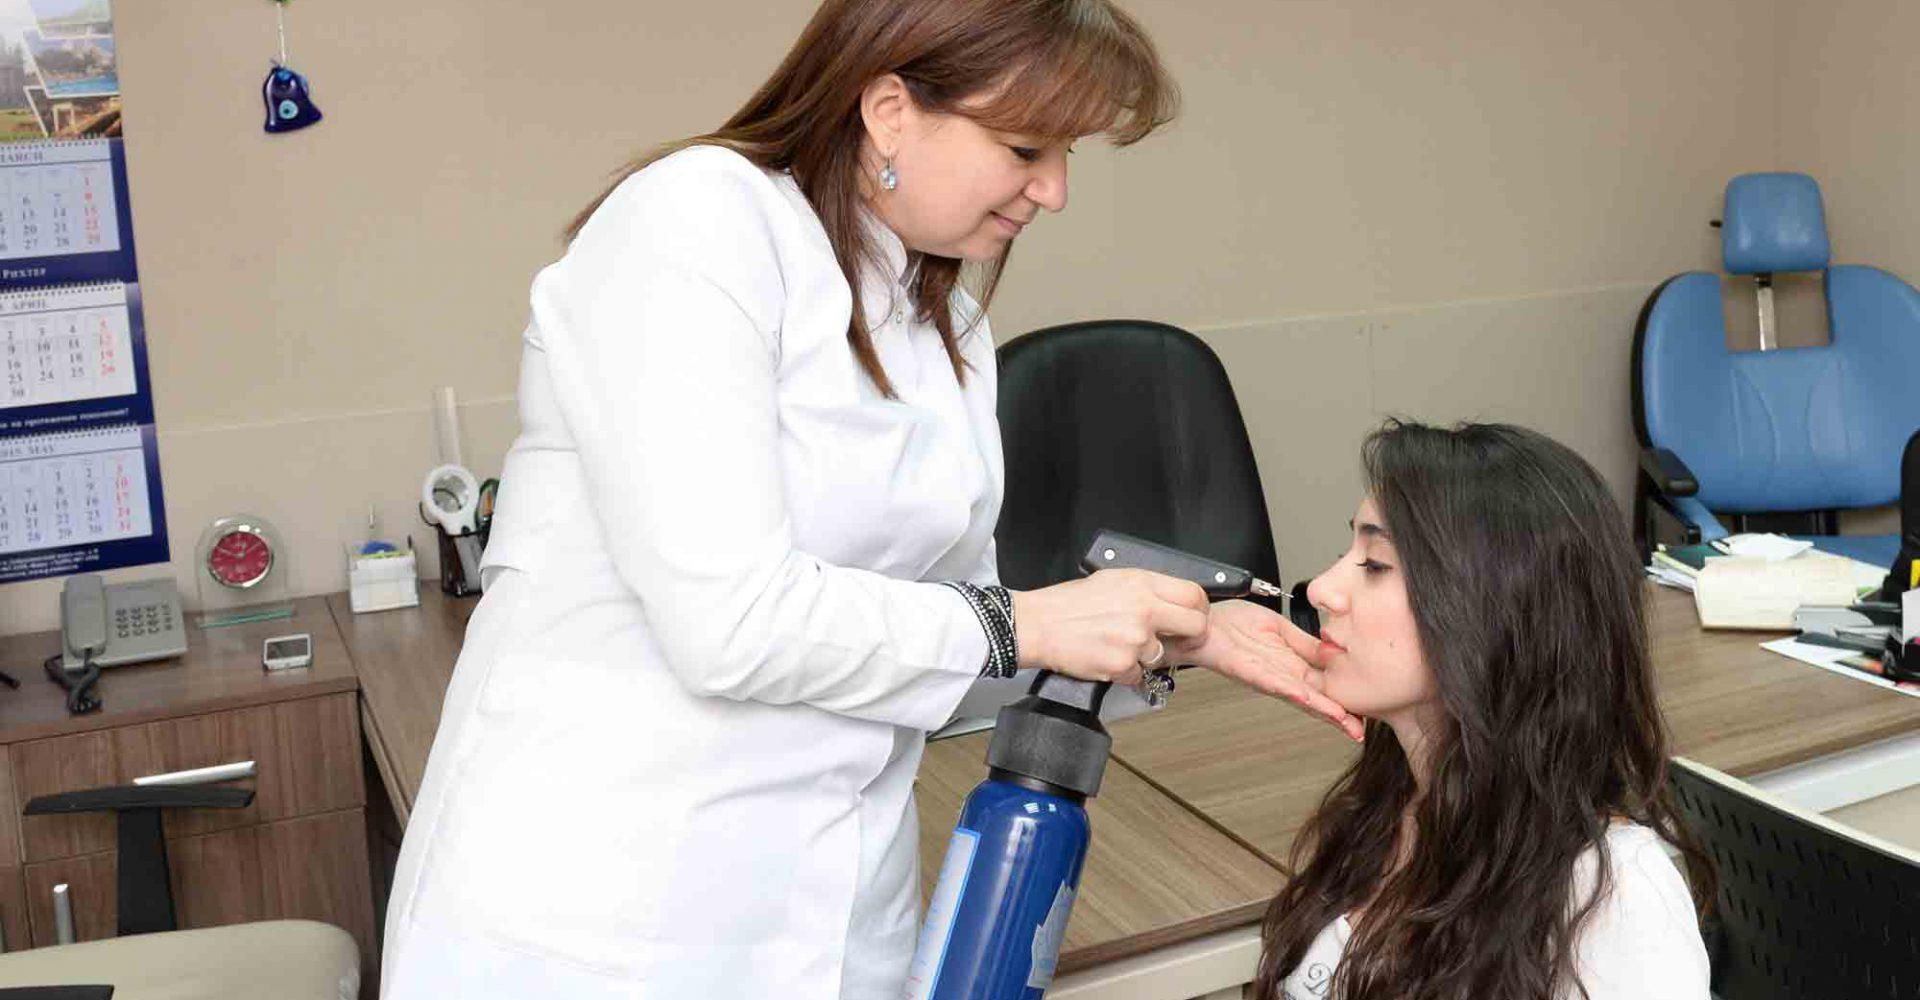 Dermatologiya. Maye Azotla yandırma apparatı